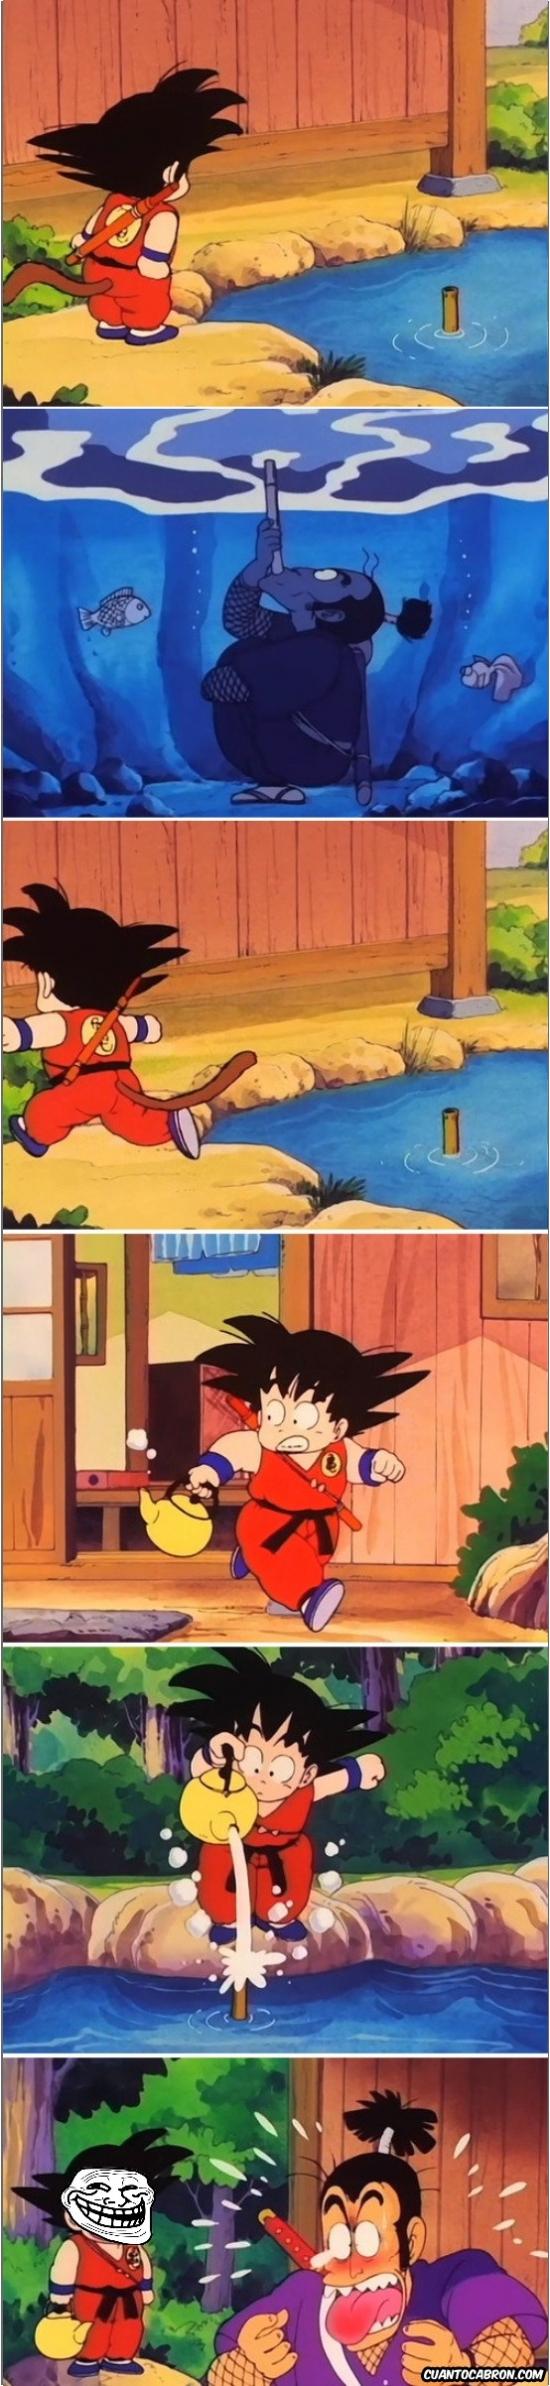 Trollface - Goku es uno de los grandes trolls de la historia